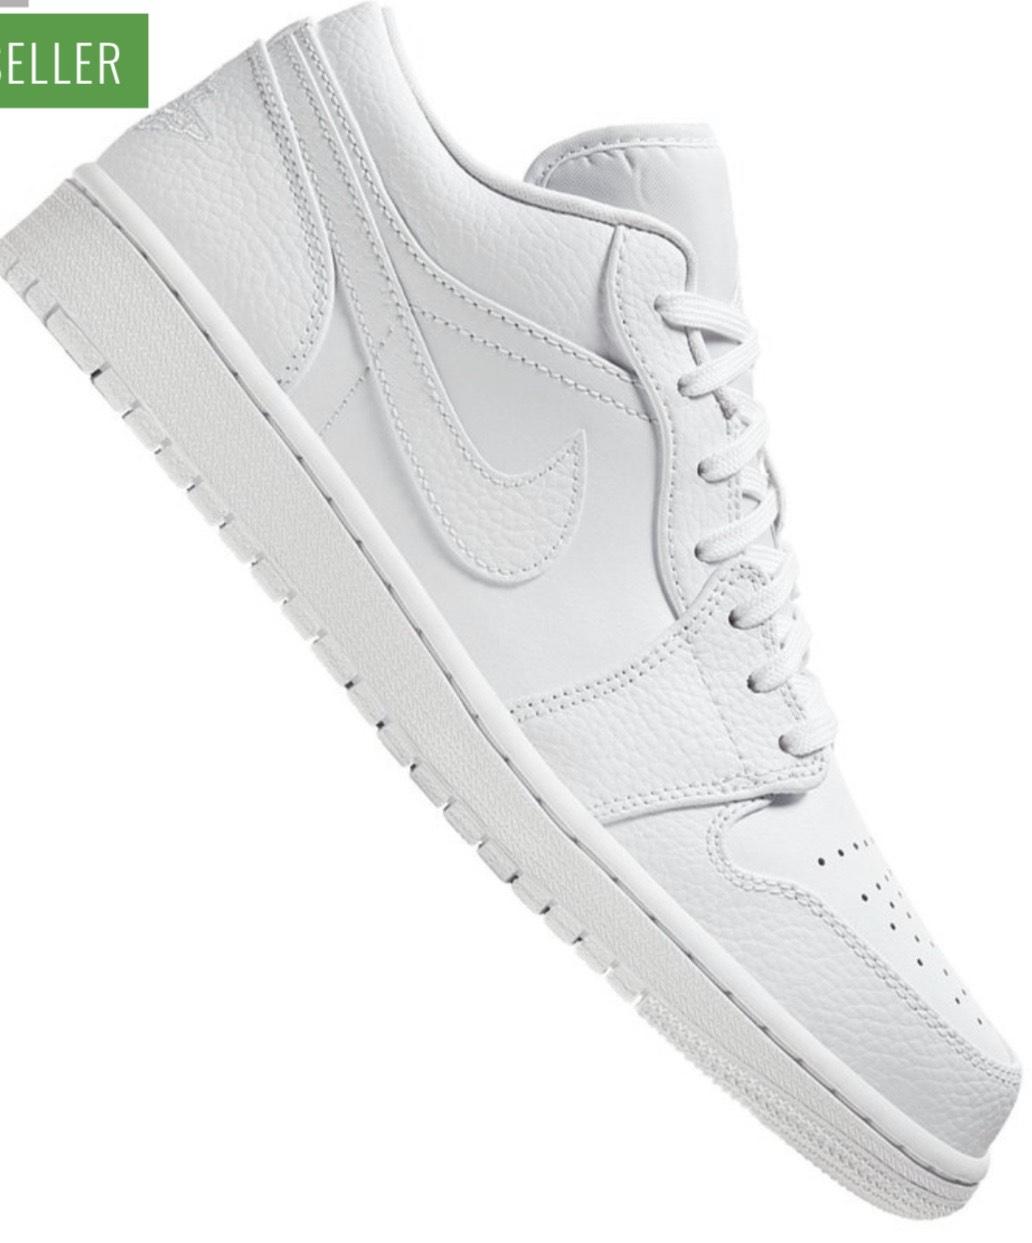 Jordan 1 low triple white